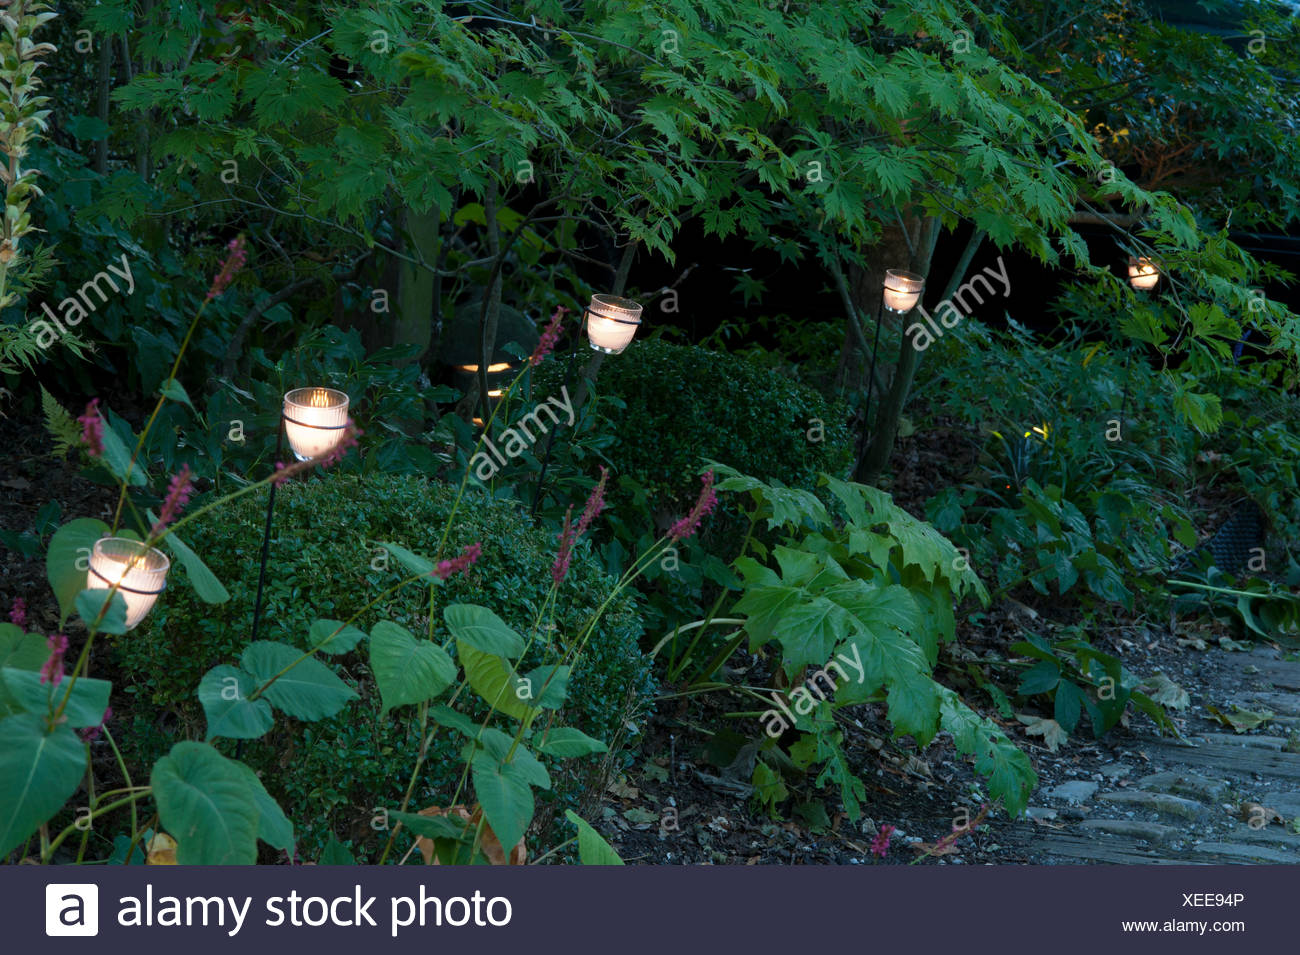 Giardino illuminazione con vasi di candela foto immagine stock